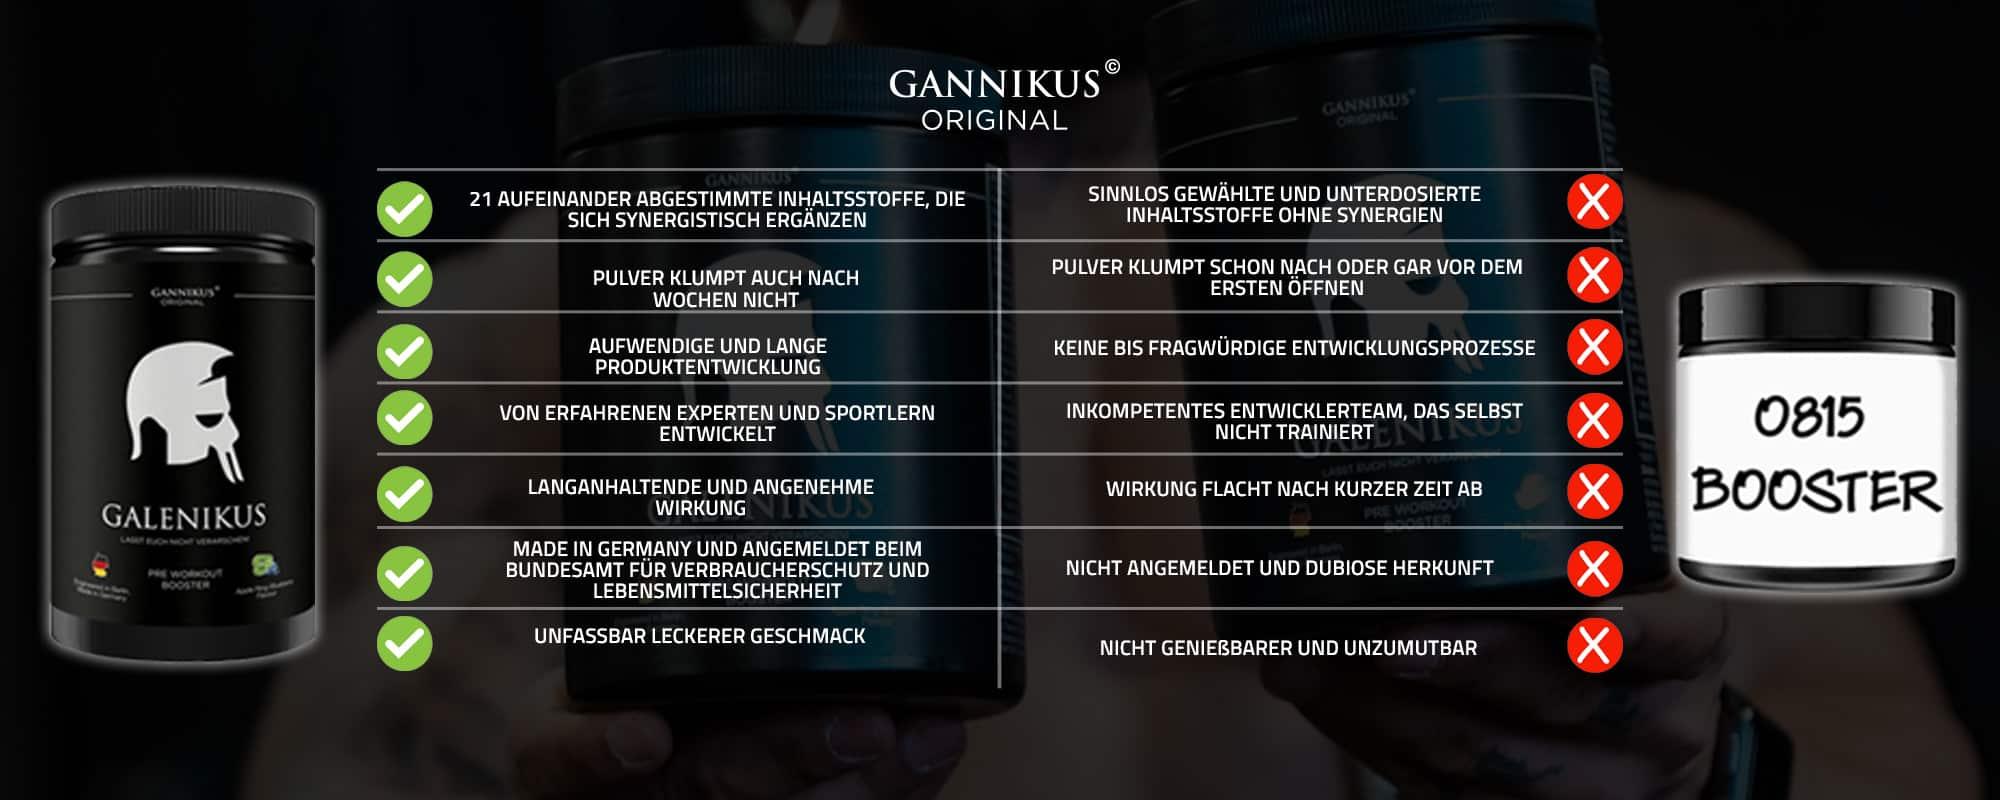 Gannikus Booster